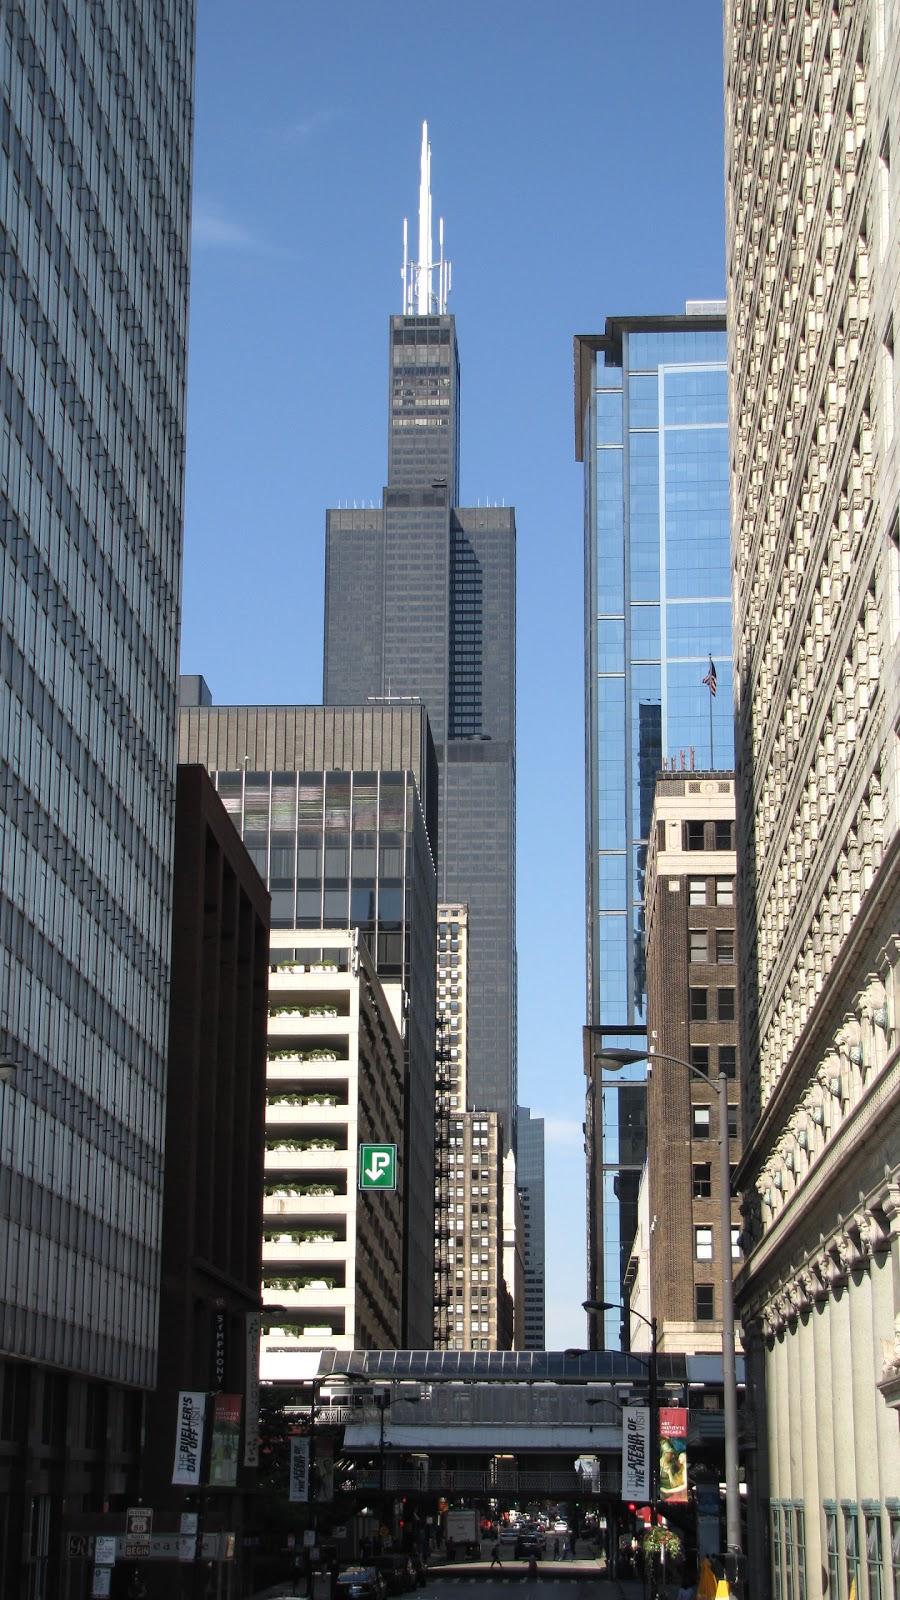 chicago flughafen umsteigen